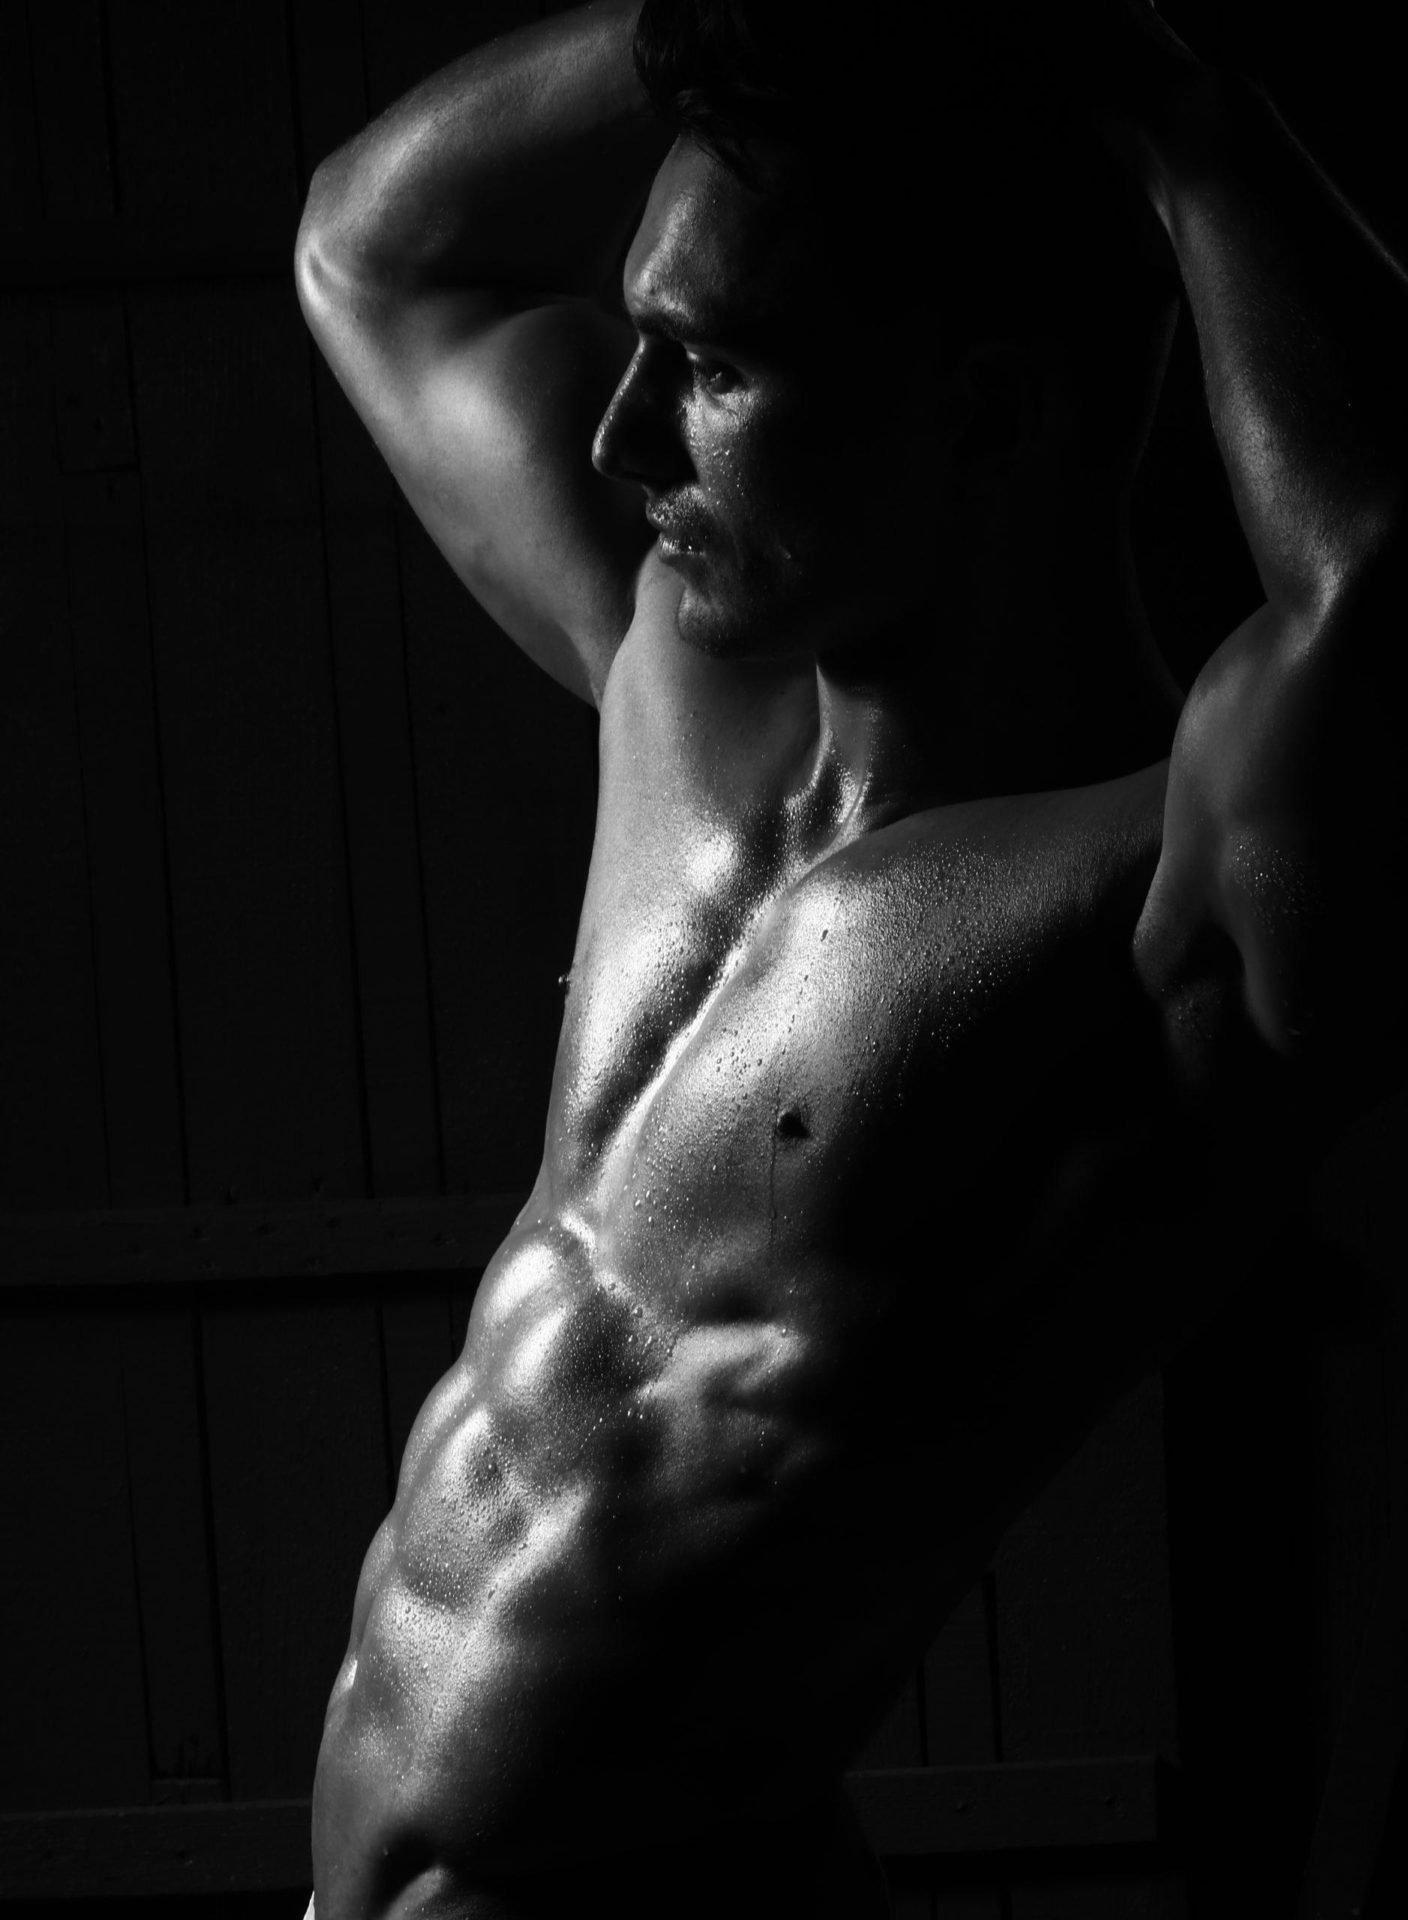 Schöne schwarz-weiß-Fotografie eines Callboys